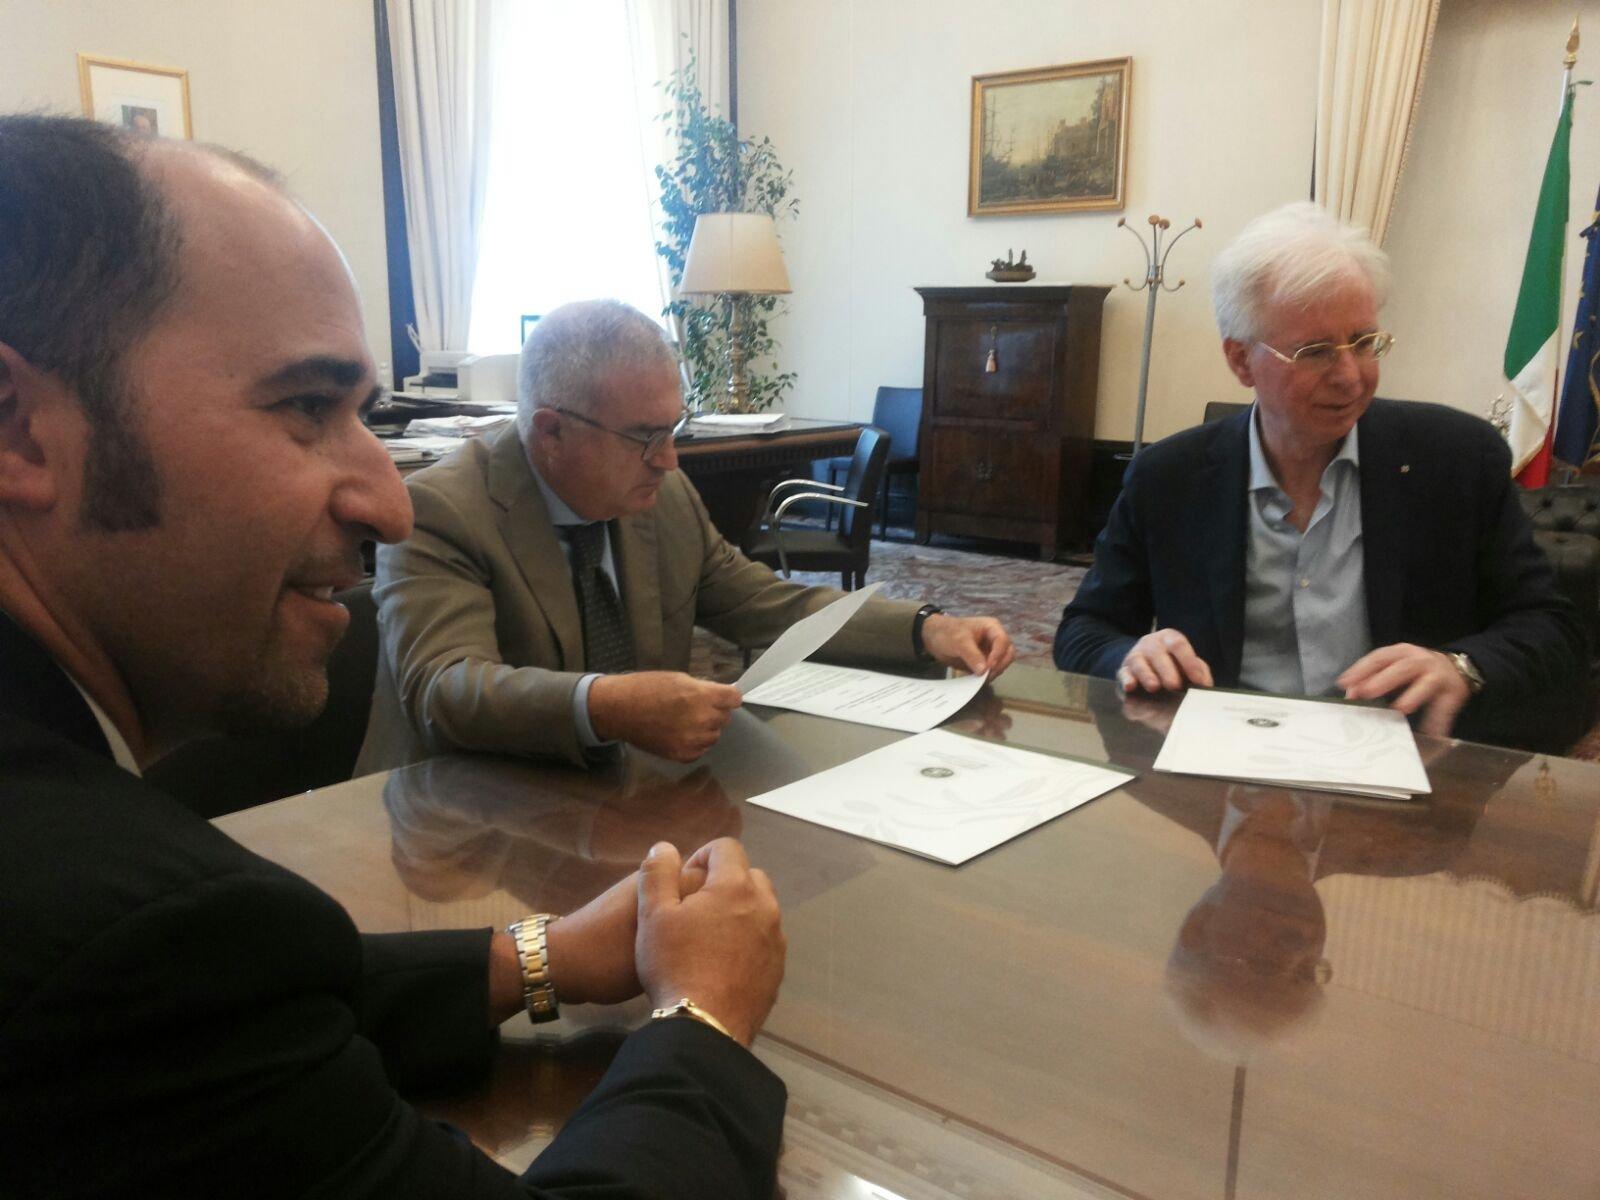 Apol, Cia e Italia Nostra hanno incontrato il Prefetto e il Presidente della Provincia di Lecce per chiedere un impegno congiunto  a difesa dell'agricoltura salentina